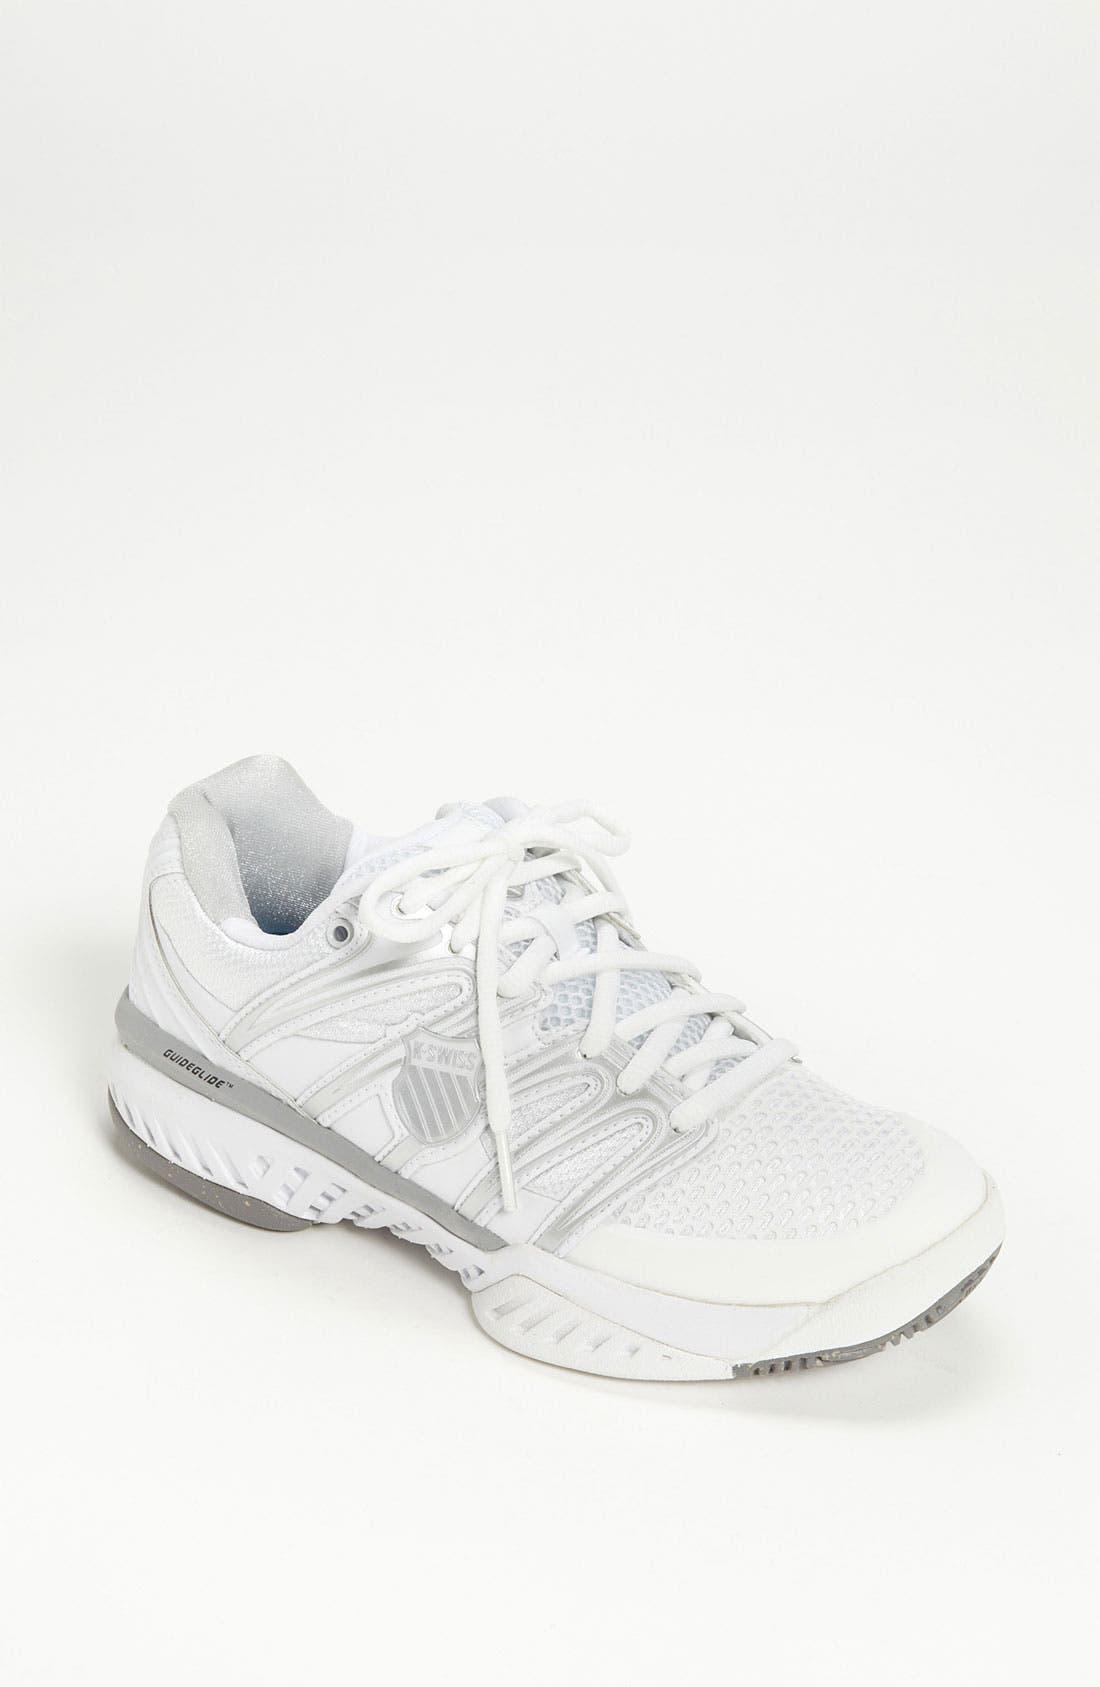 Main Image - K-Swiss 'Big Shot' Tennis Shoe (Women)